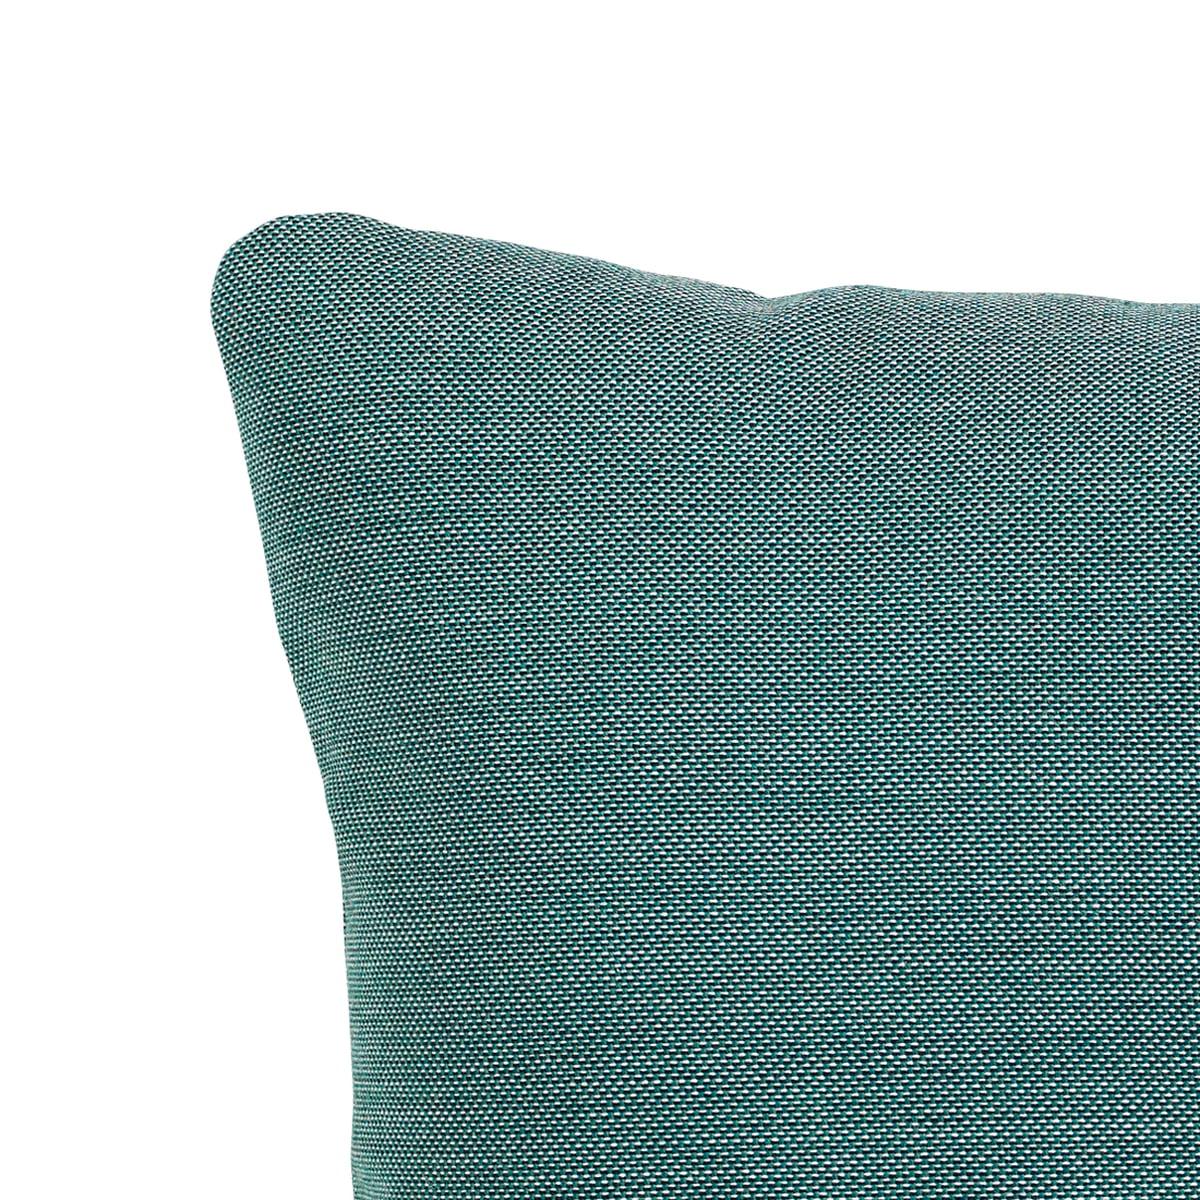 hay dot kissen jetzt im design shop kaufen. Black Bedroom Furniture Sets. Home Design Ideas